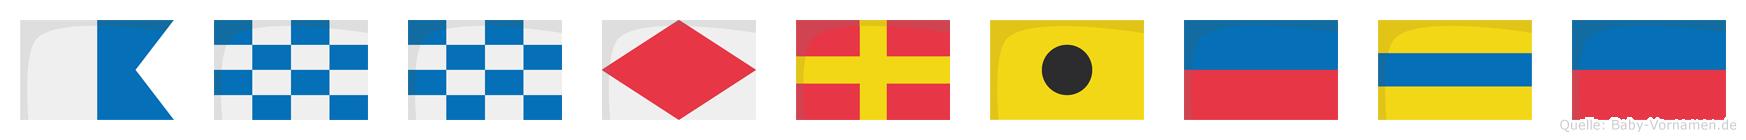 Annfriede im Flaggenalphabet